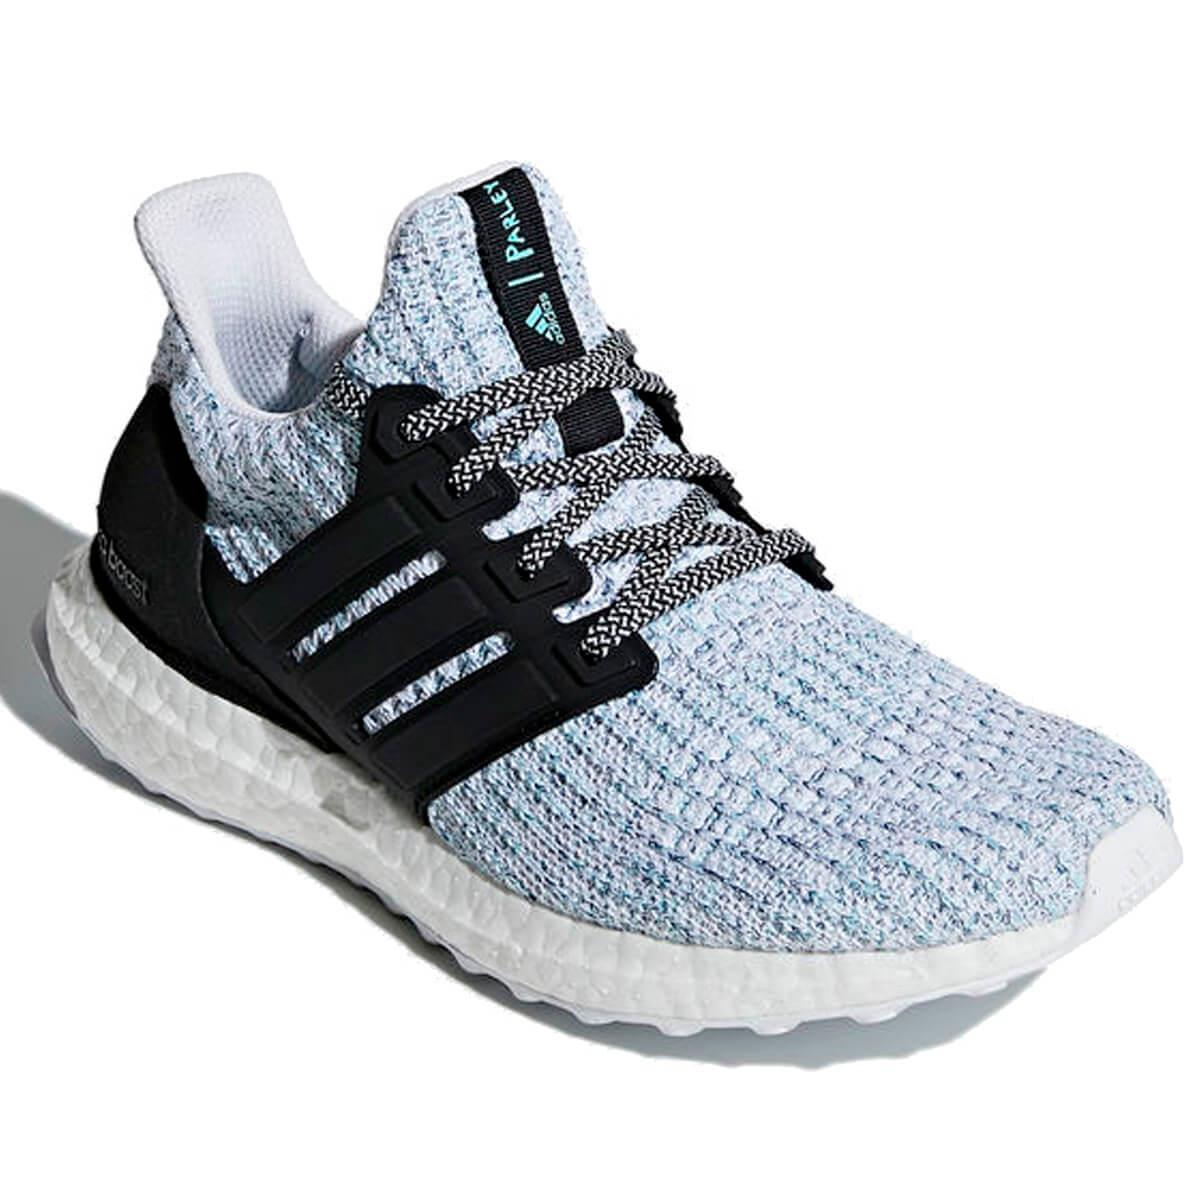 8ff62a3221 Tênis Adidas Ultraboost Parley Feminino